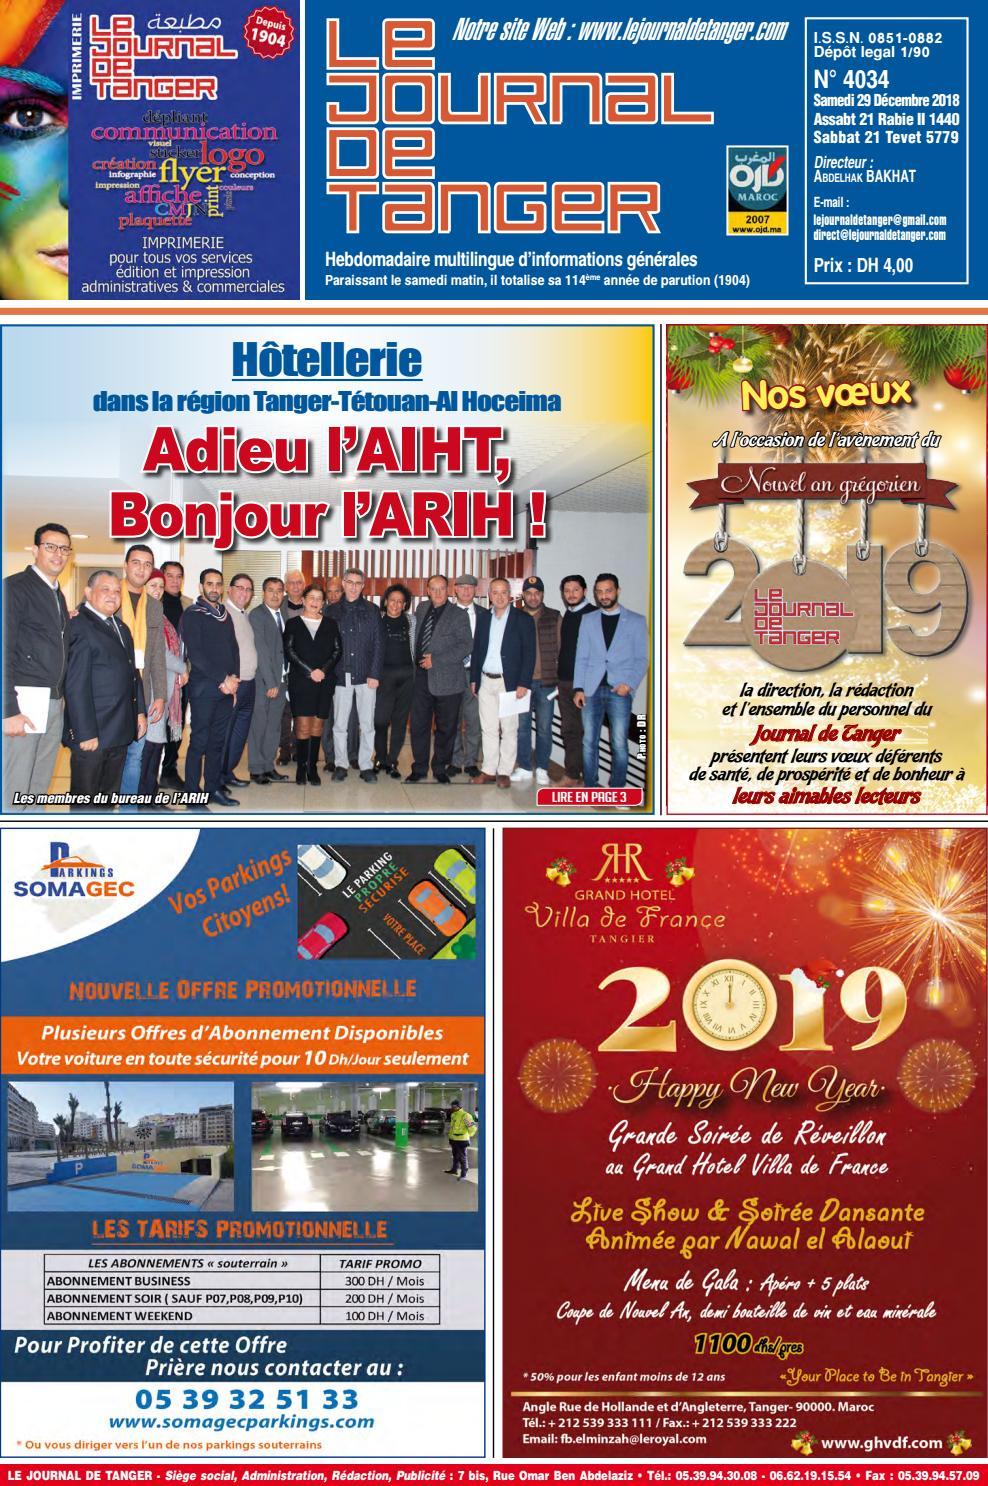 73afa9ce2 Le journal de Tanger 29 Décembre 2018 by Le Journal de Tanger - issuu